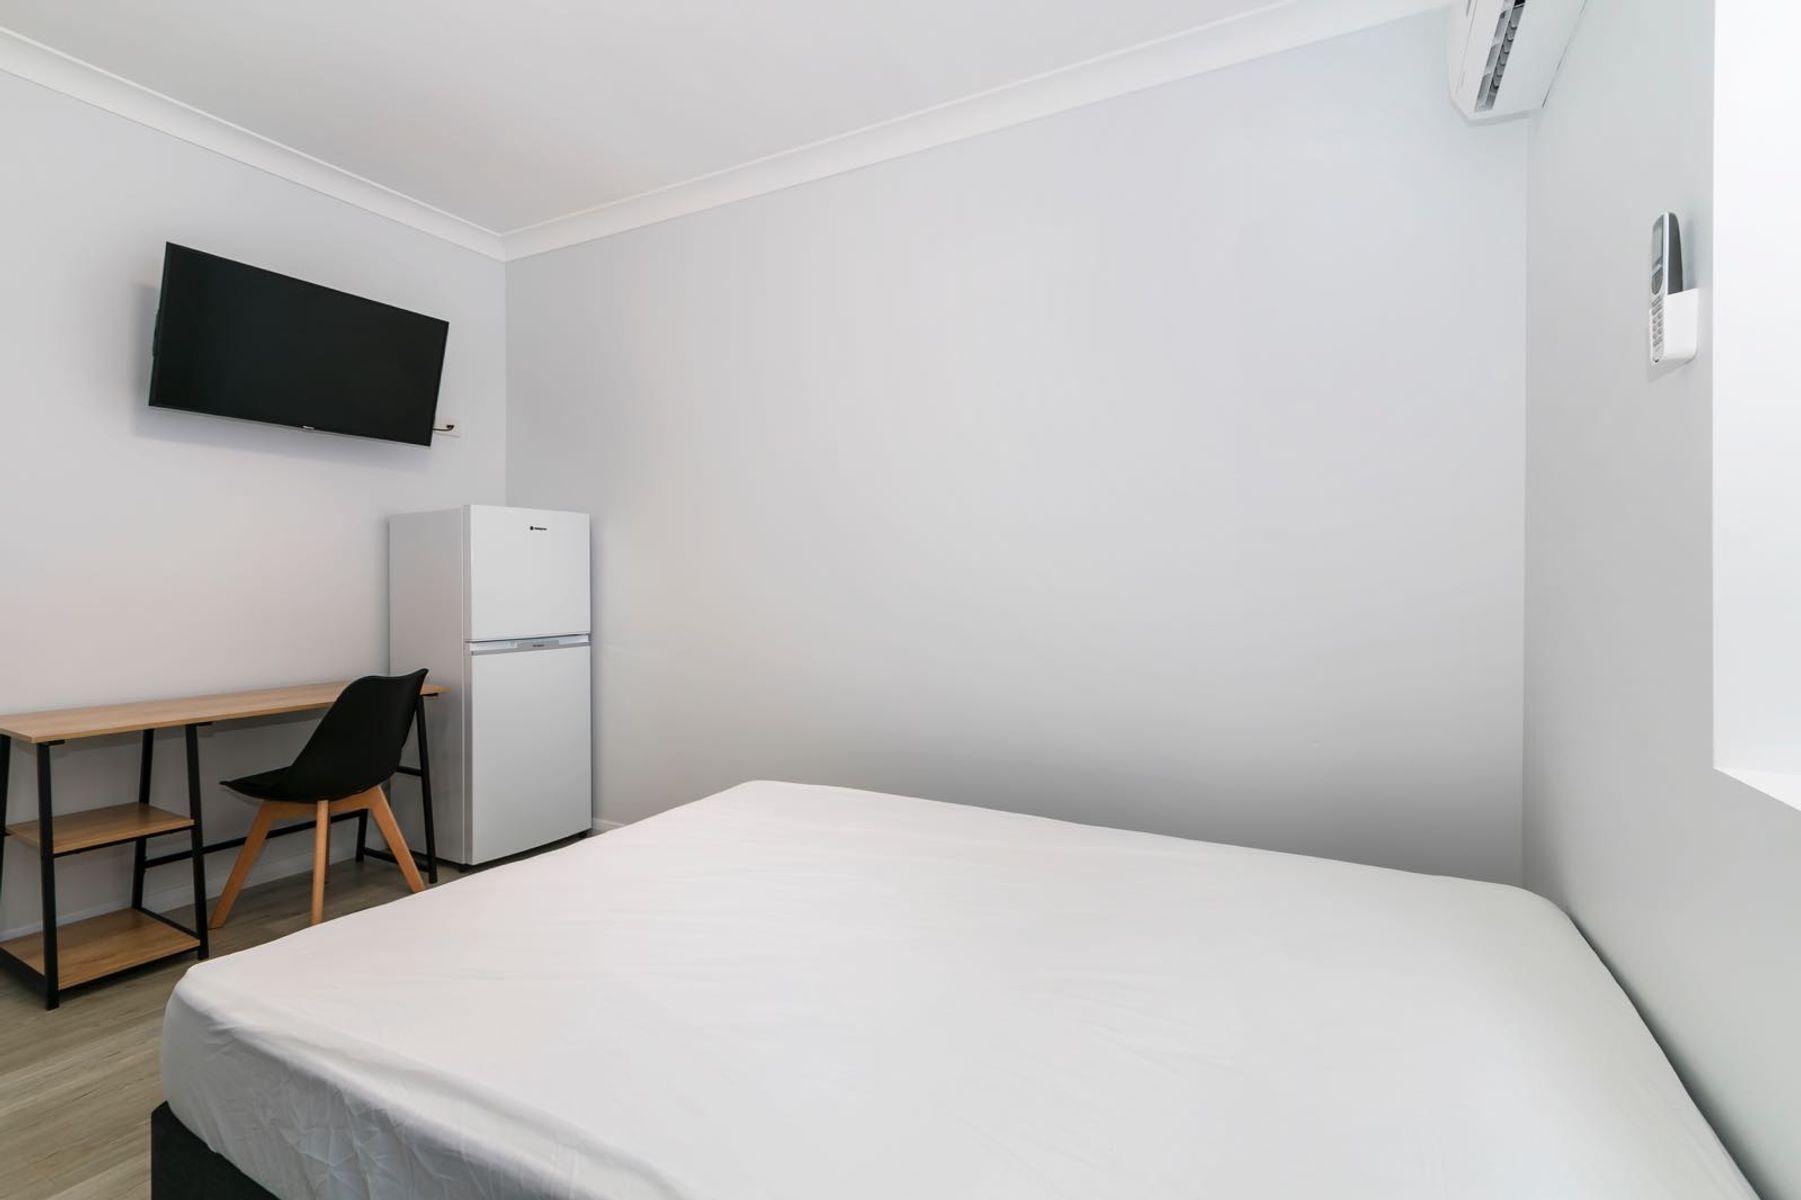 3/435 Illawarra Road, Marrickville, NSW 2204